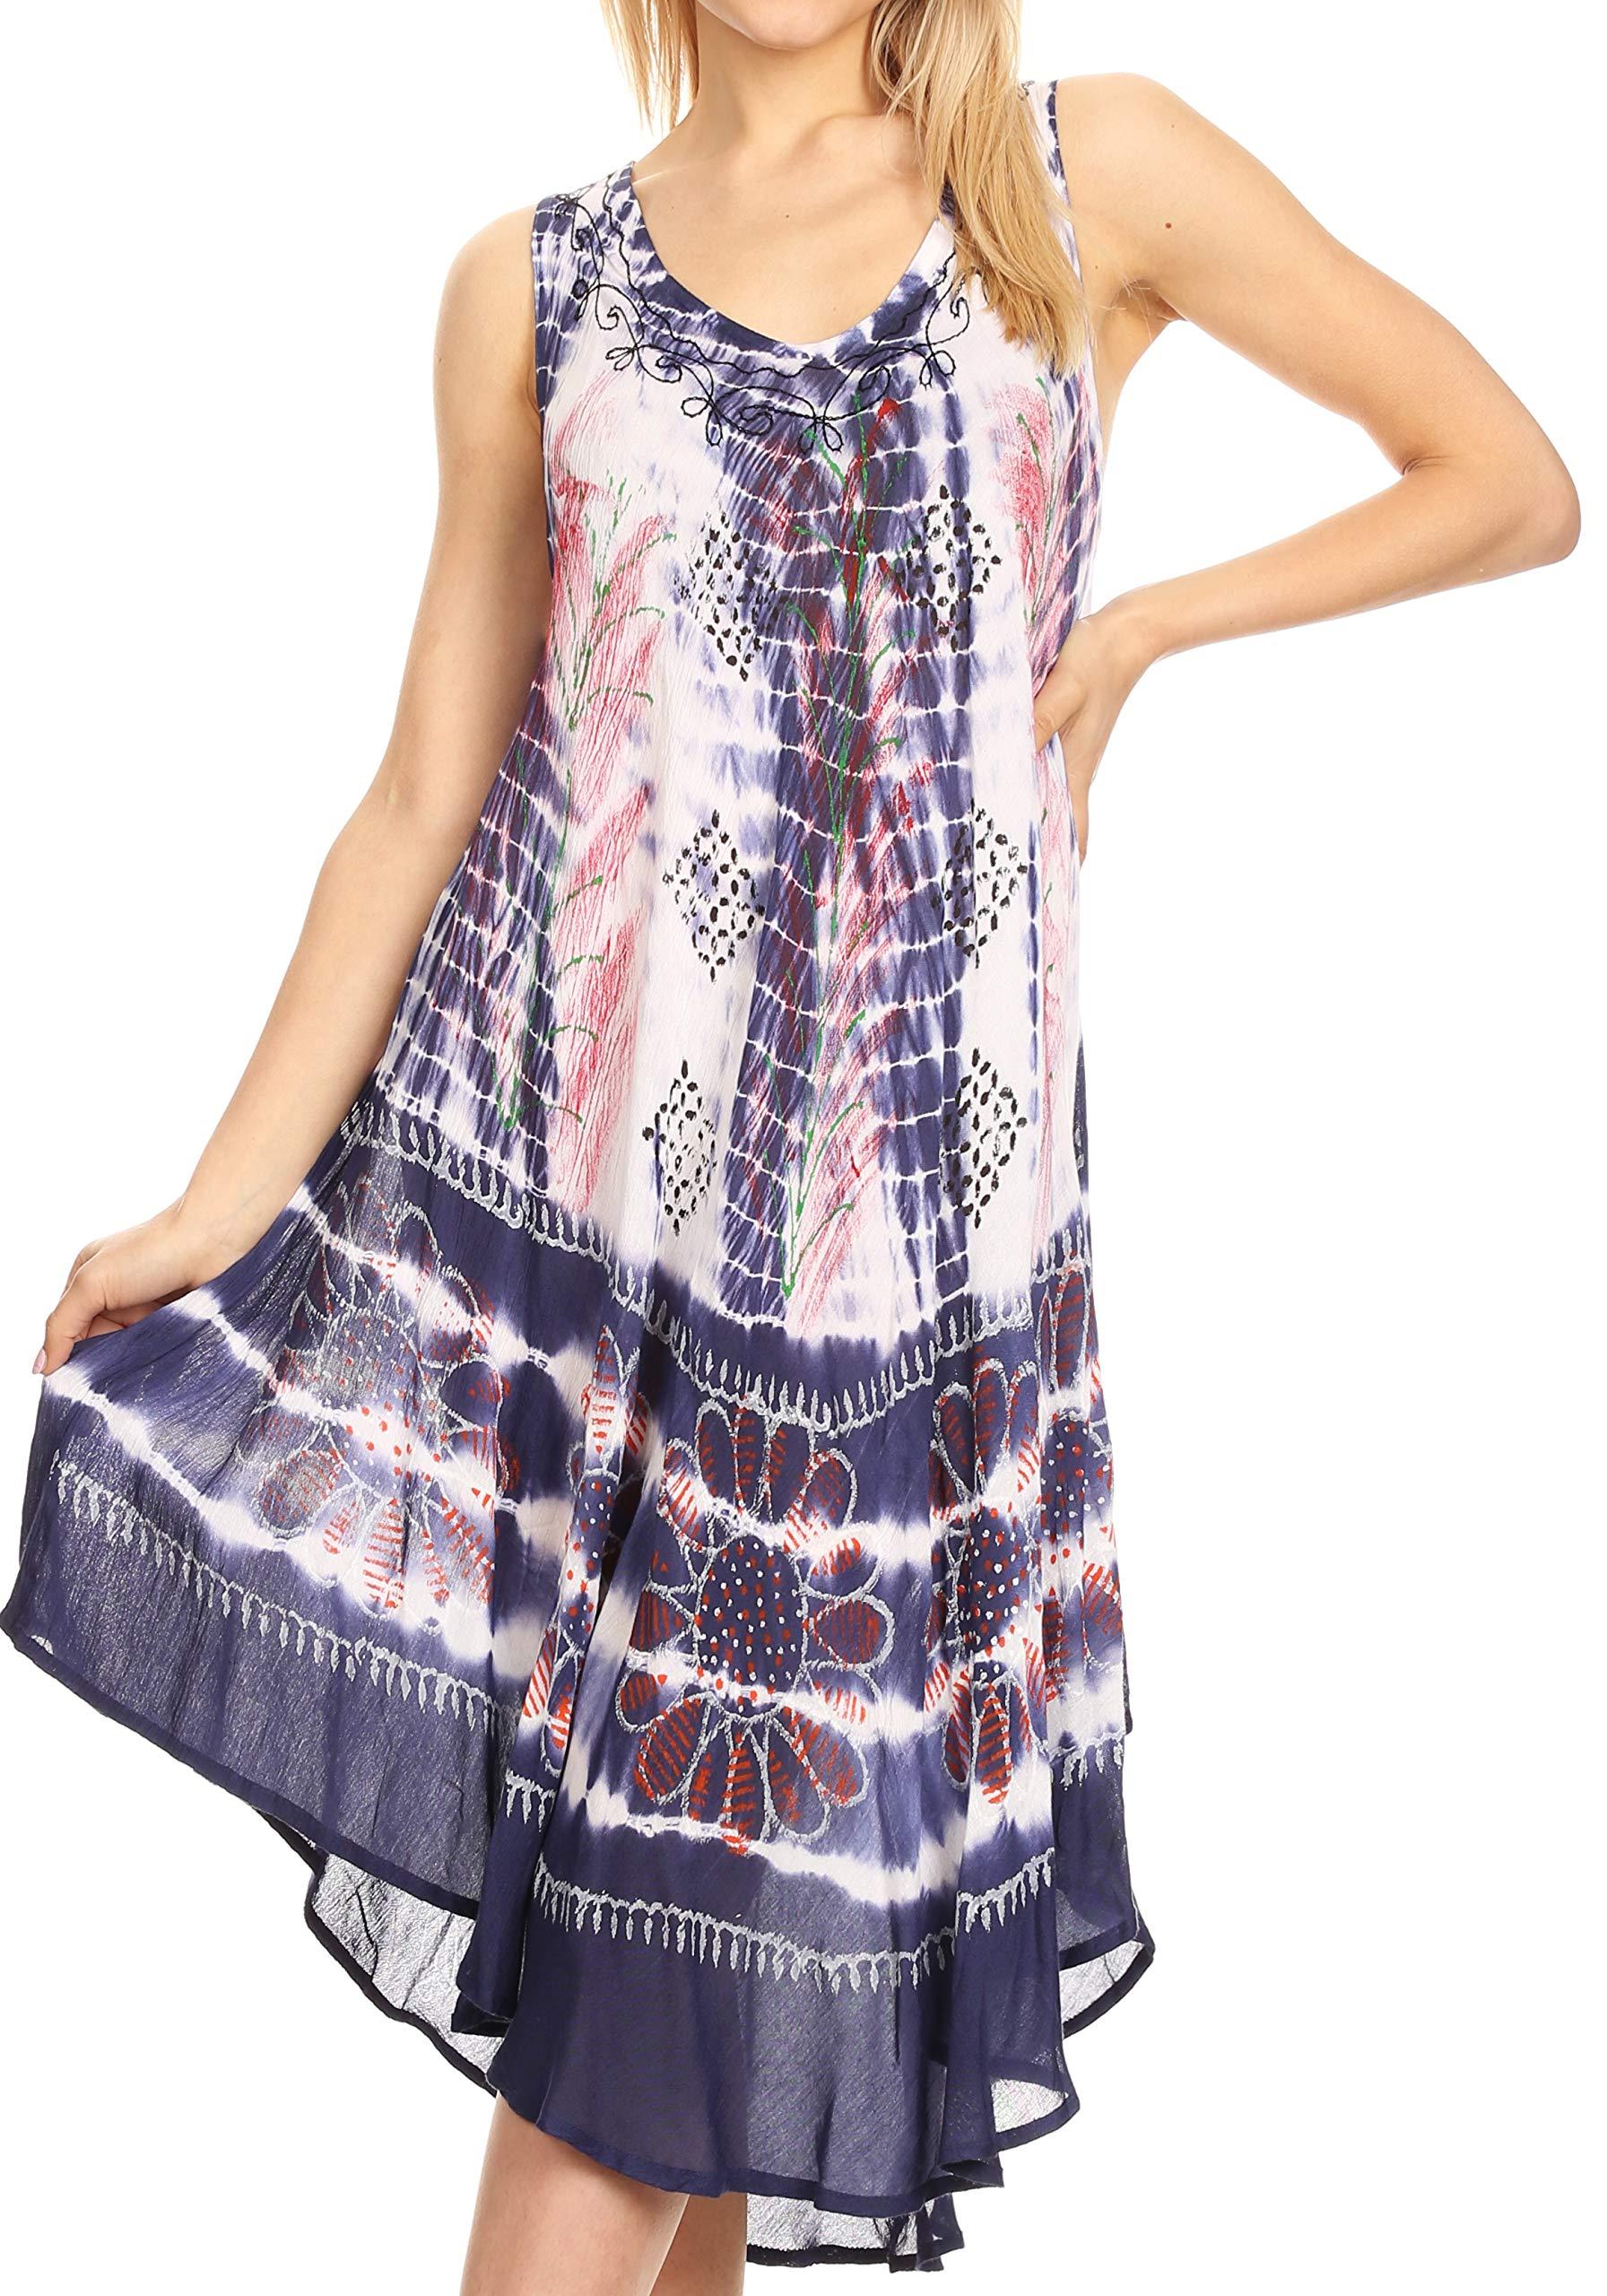 Sakkas Tina Women's Casual Summer Loose Sleeveless Tank Midi Dress Cover-up